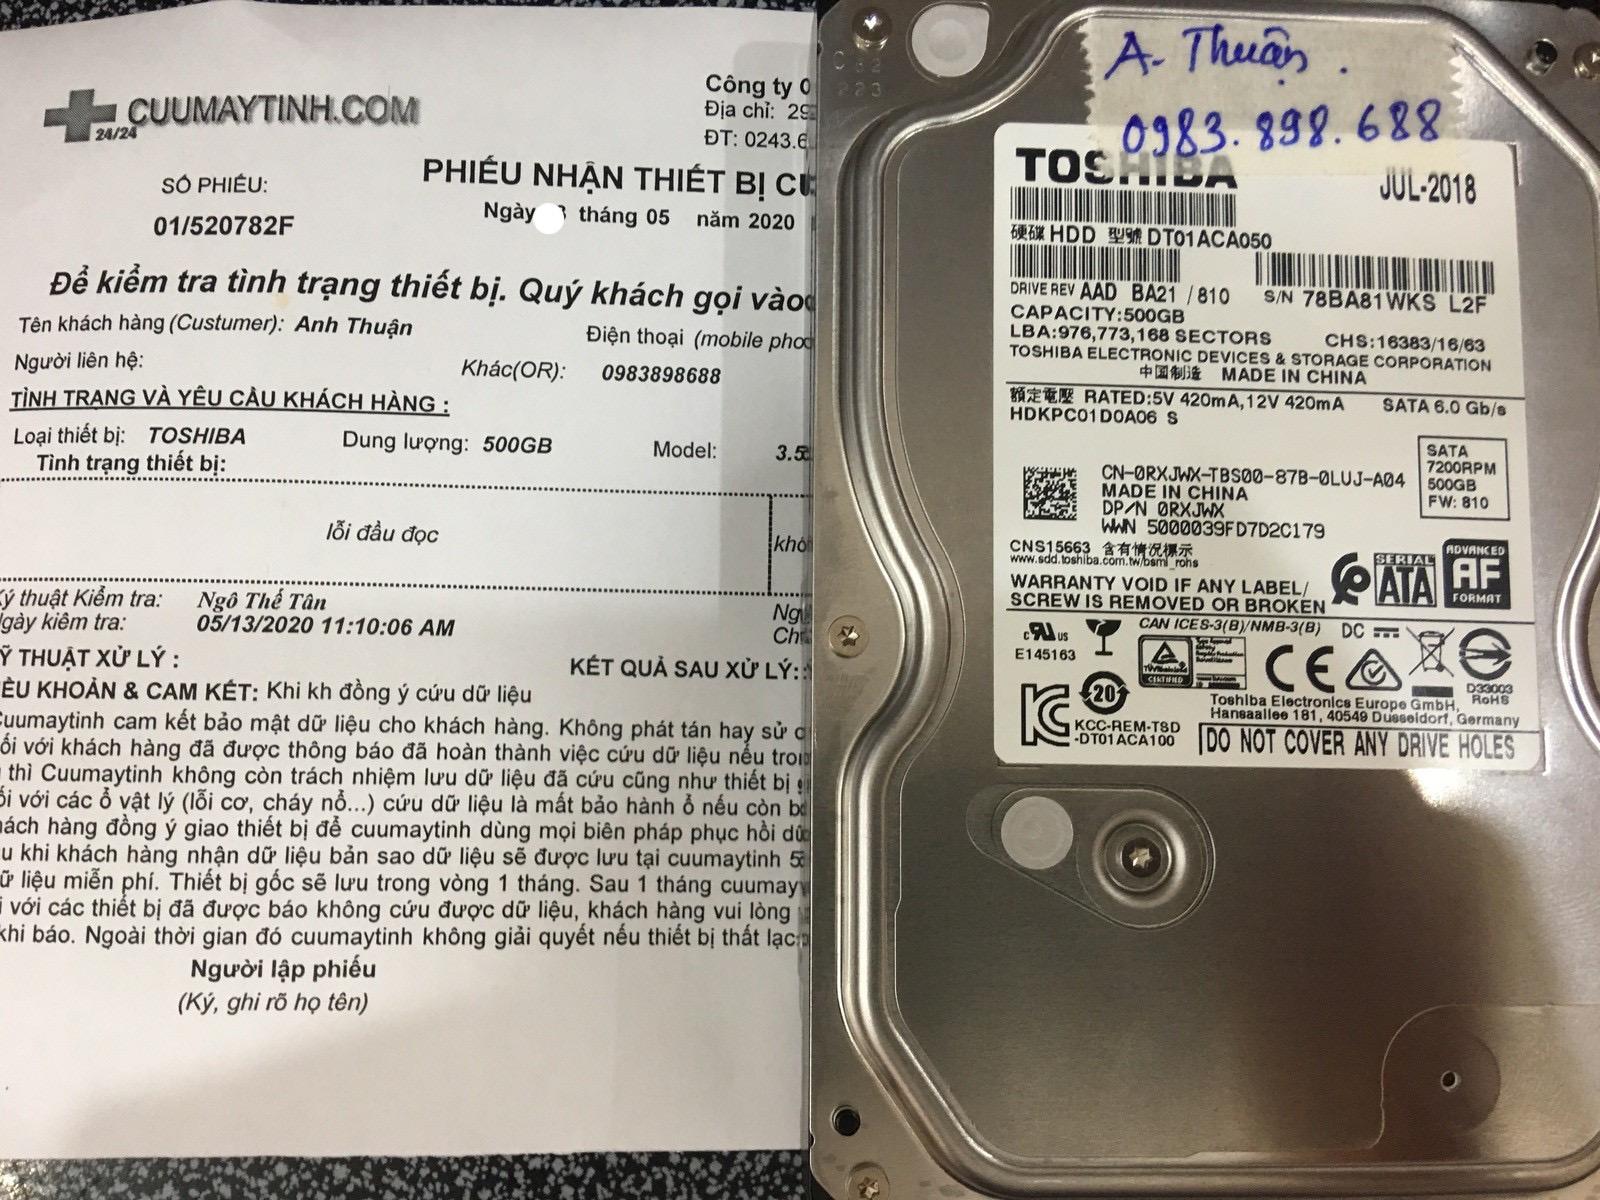 Phục hồi dữ liệu ổ cứng Toshiba 500GB lỗi cơ 18/05/2020 - cuumaytinh